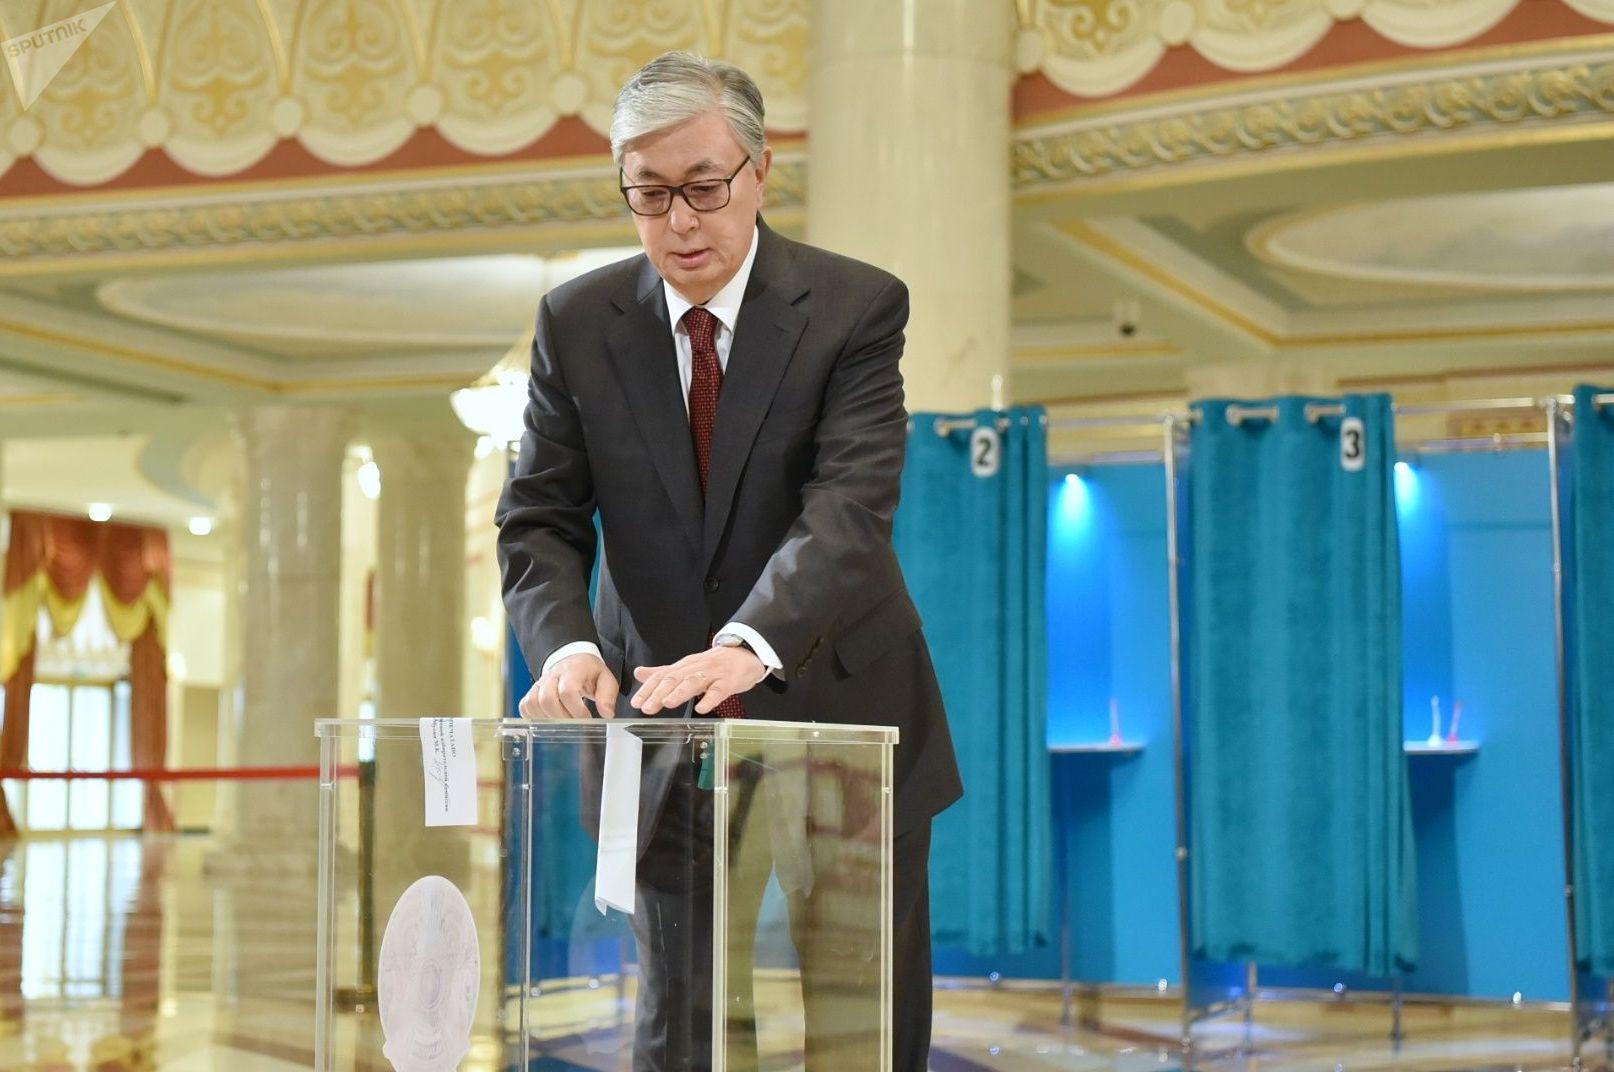 Касым-Жомарт Токаев на избирательном участке в день внеочередных выборов в Республике Казахстан